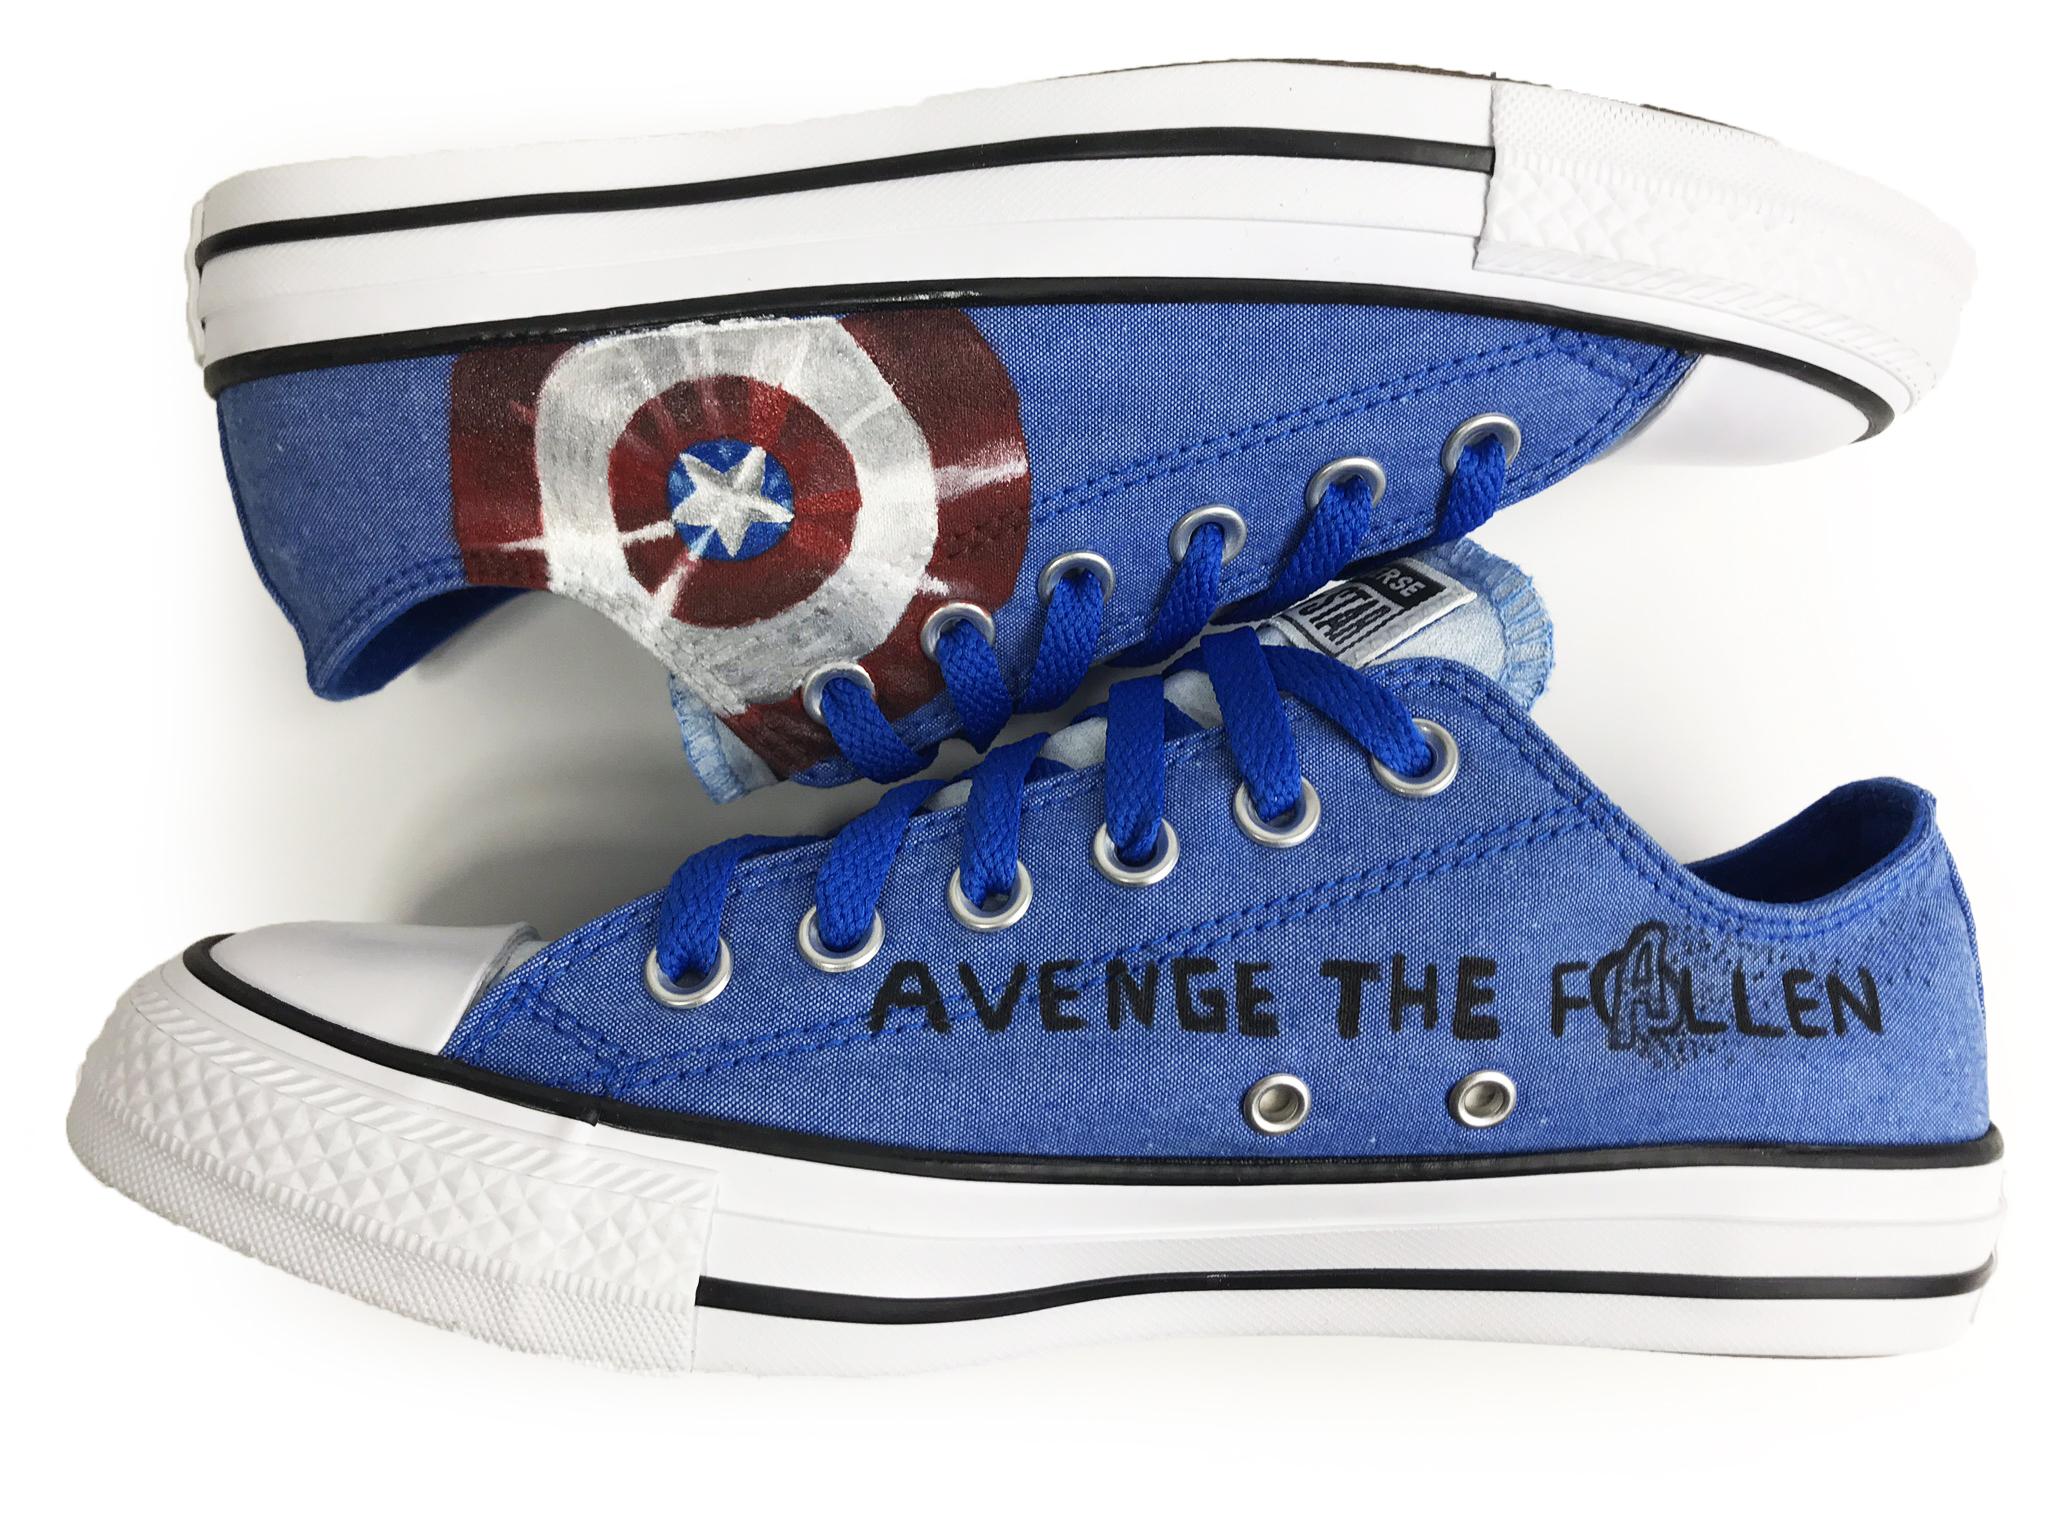 avengers shoe 1.jpg